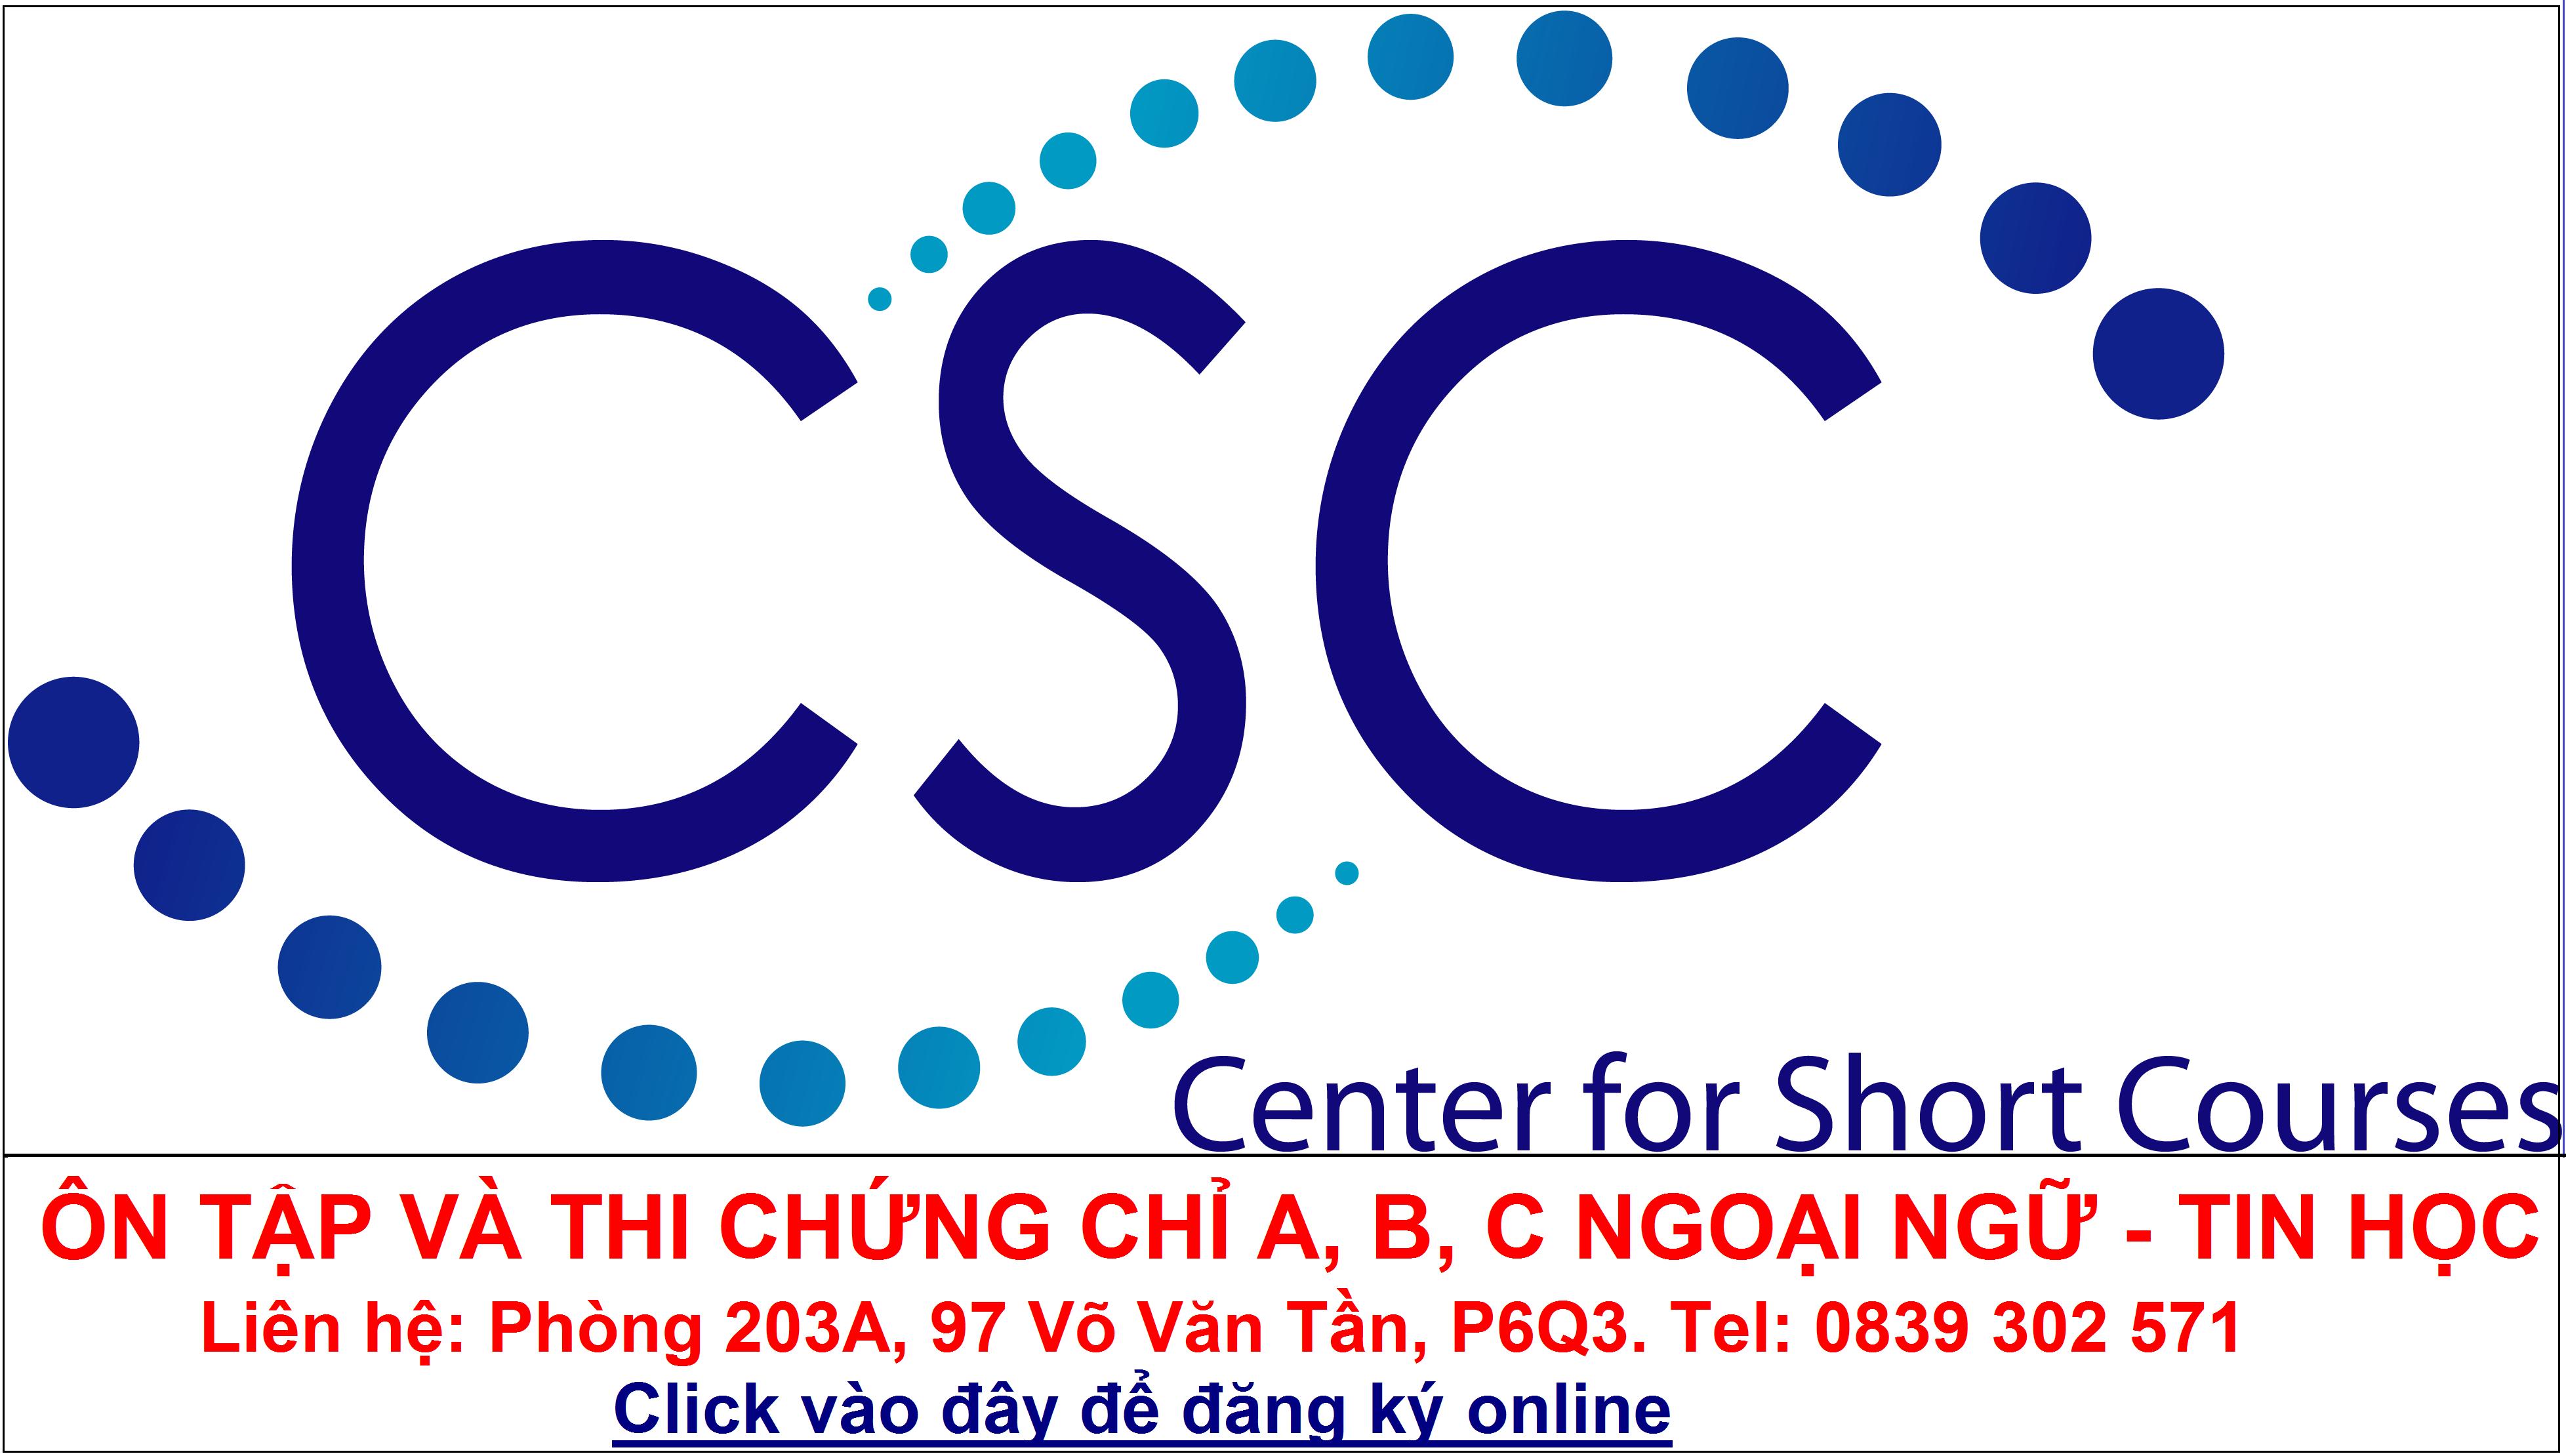 CSC - Trung tâm Đào tạo Ngắn hạn và Ngoại ngữ - Tin học